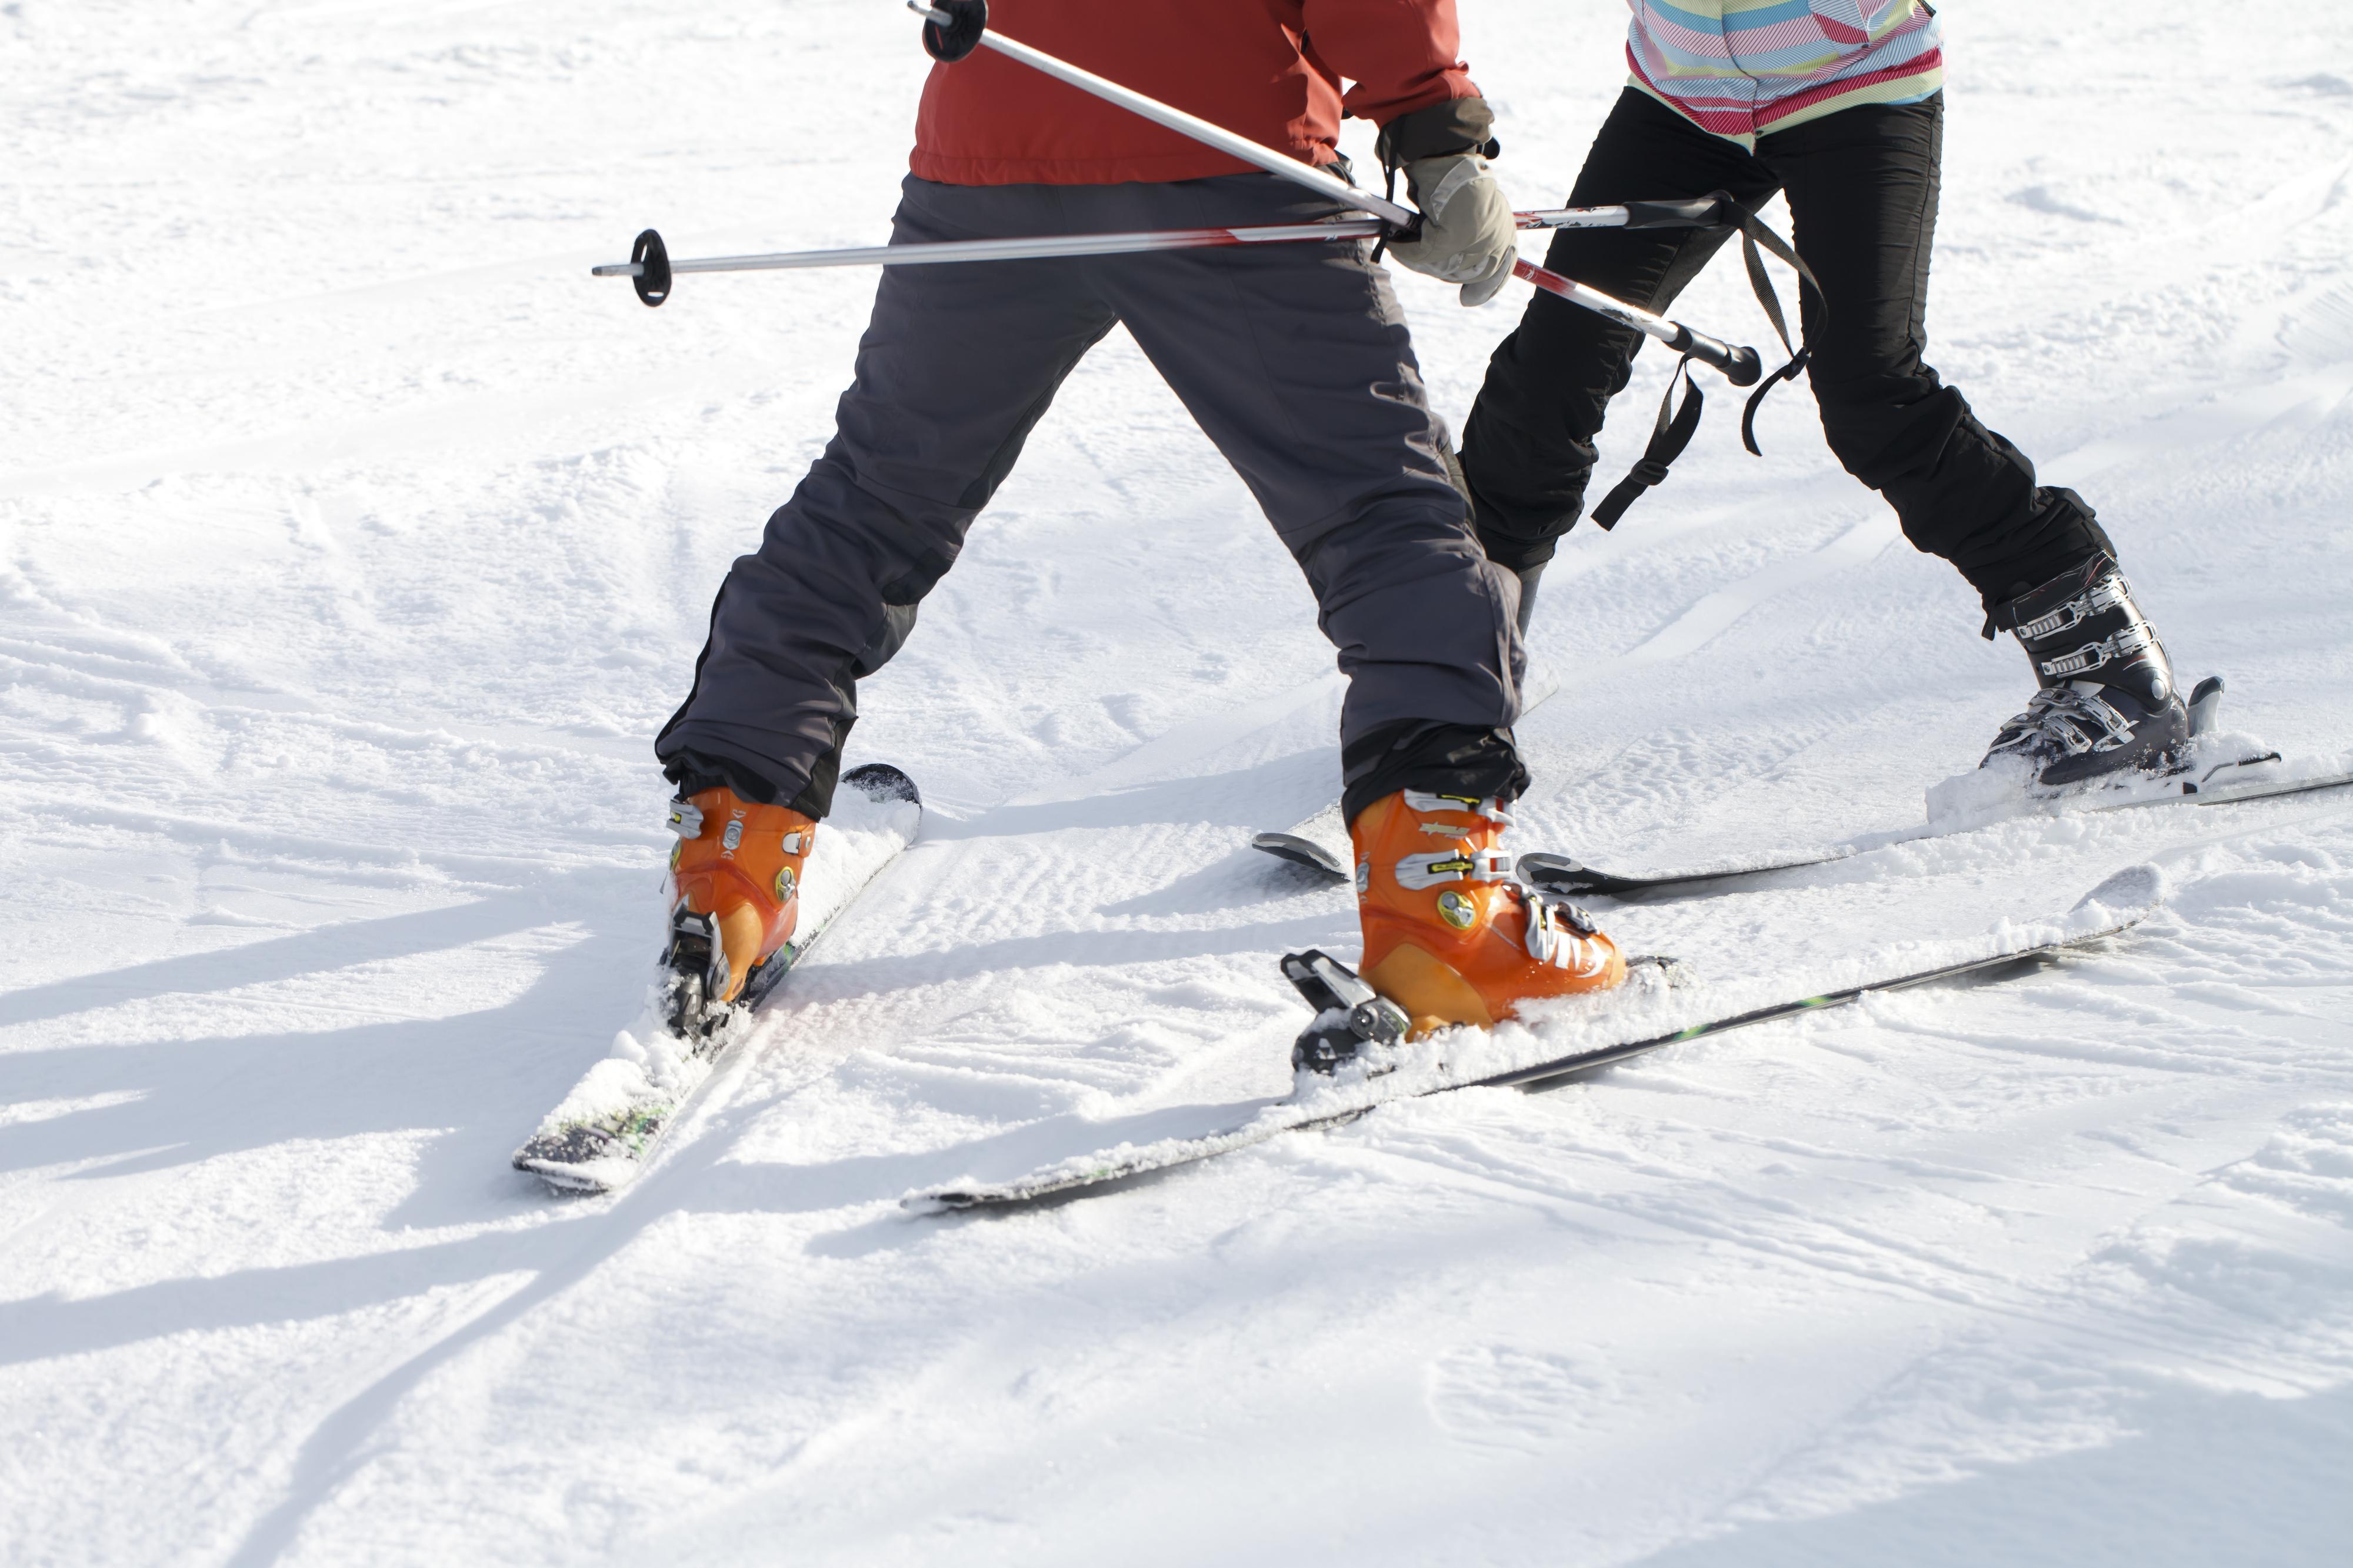 【スキー場バイト職種ガイド】冬のスキー場求人の仕事内容を解説